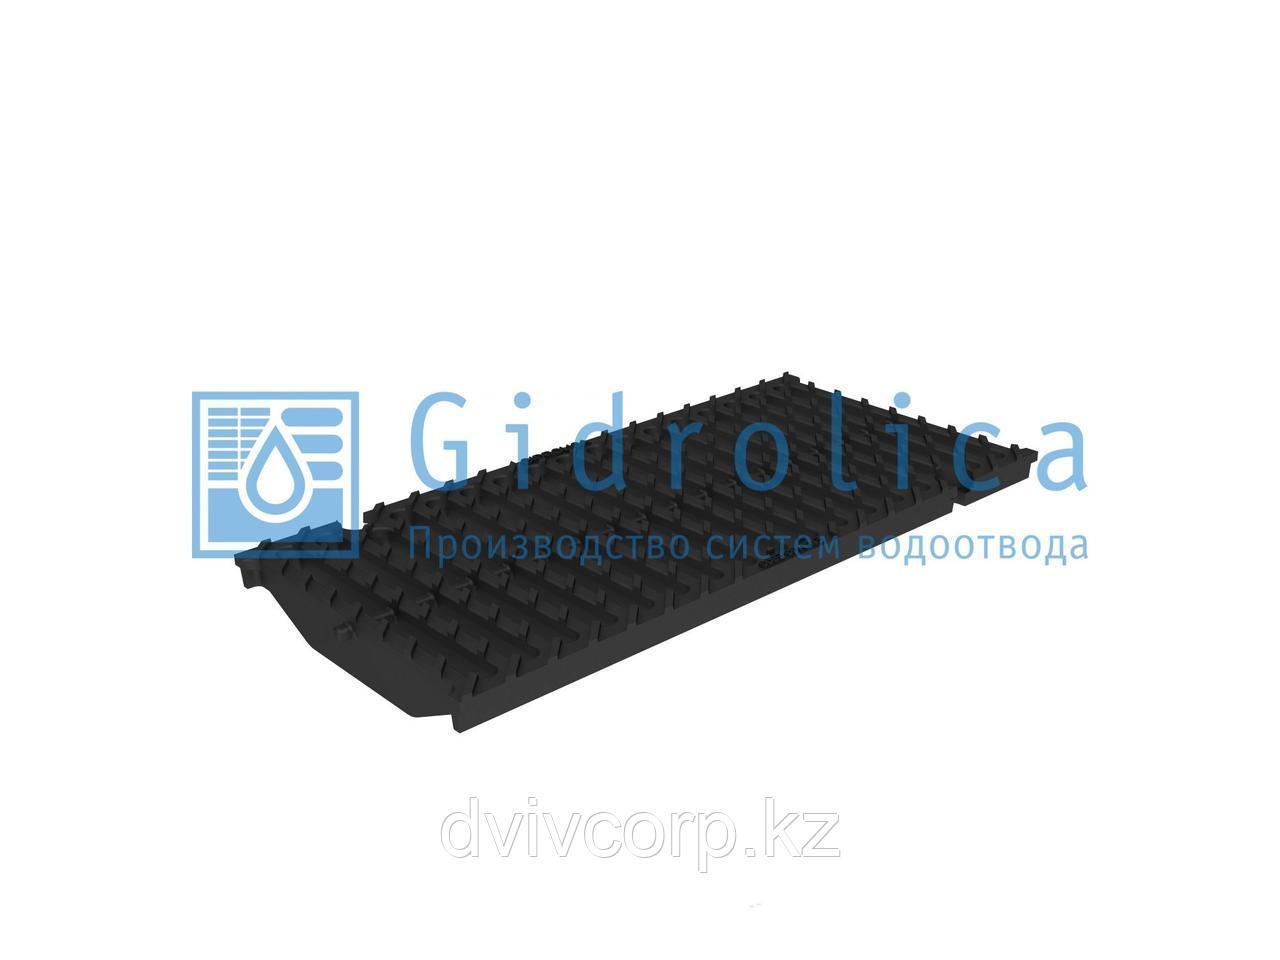 Решетка водоприемная Gidrolica Super РВ -20.24.50 - щелевая чугунная ВЧ, кл. E600